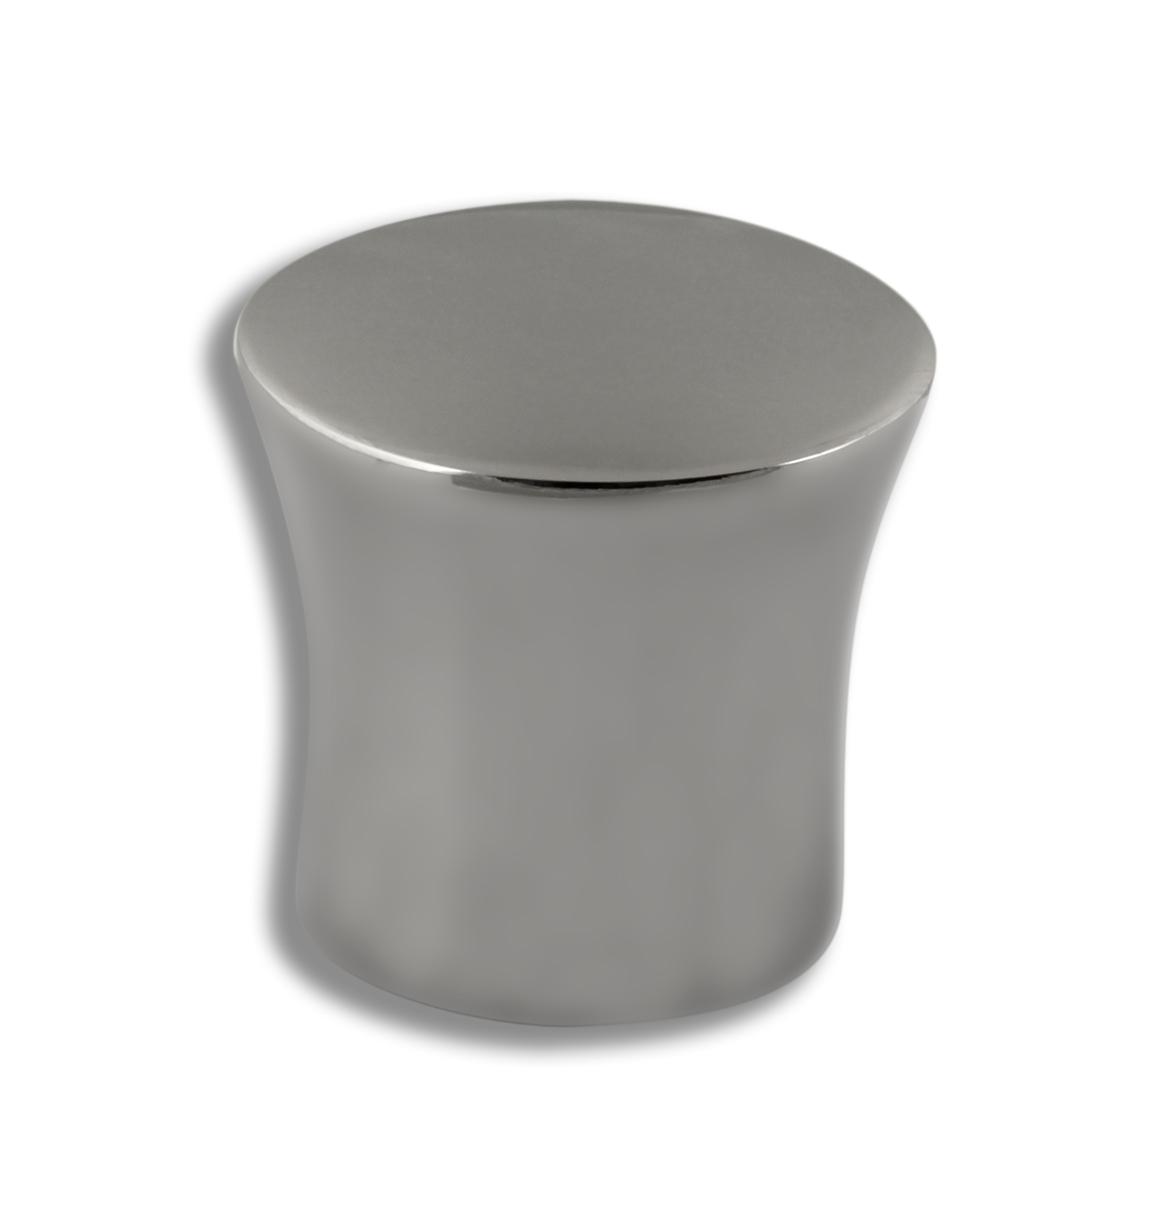 Knoflík přepínače 56020 chrom